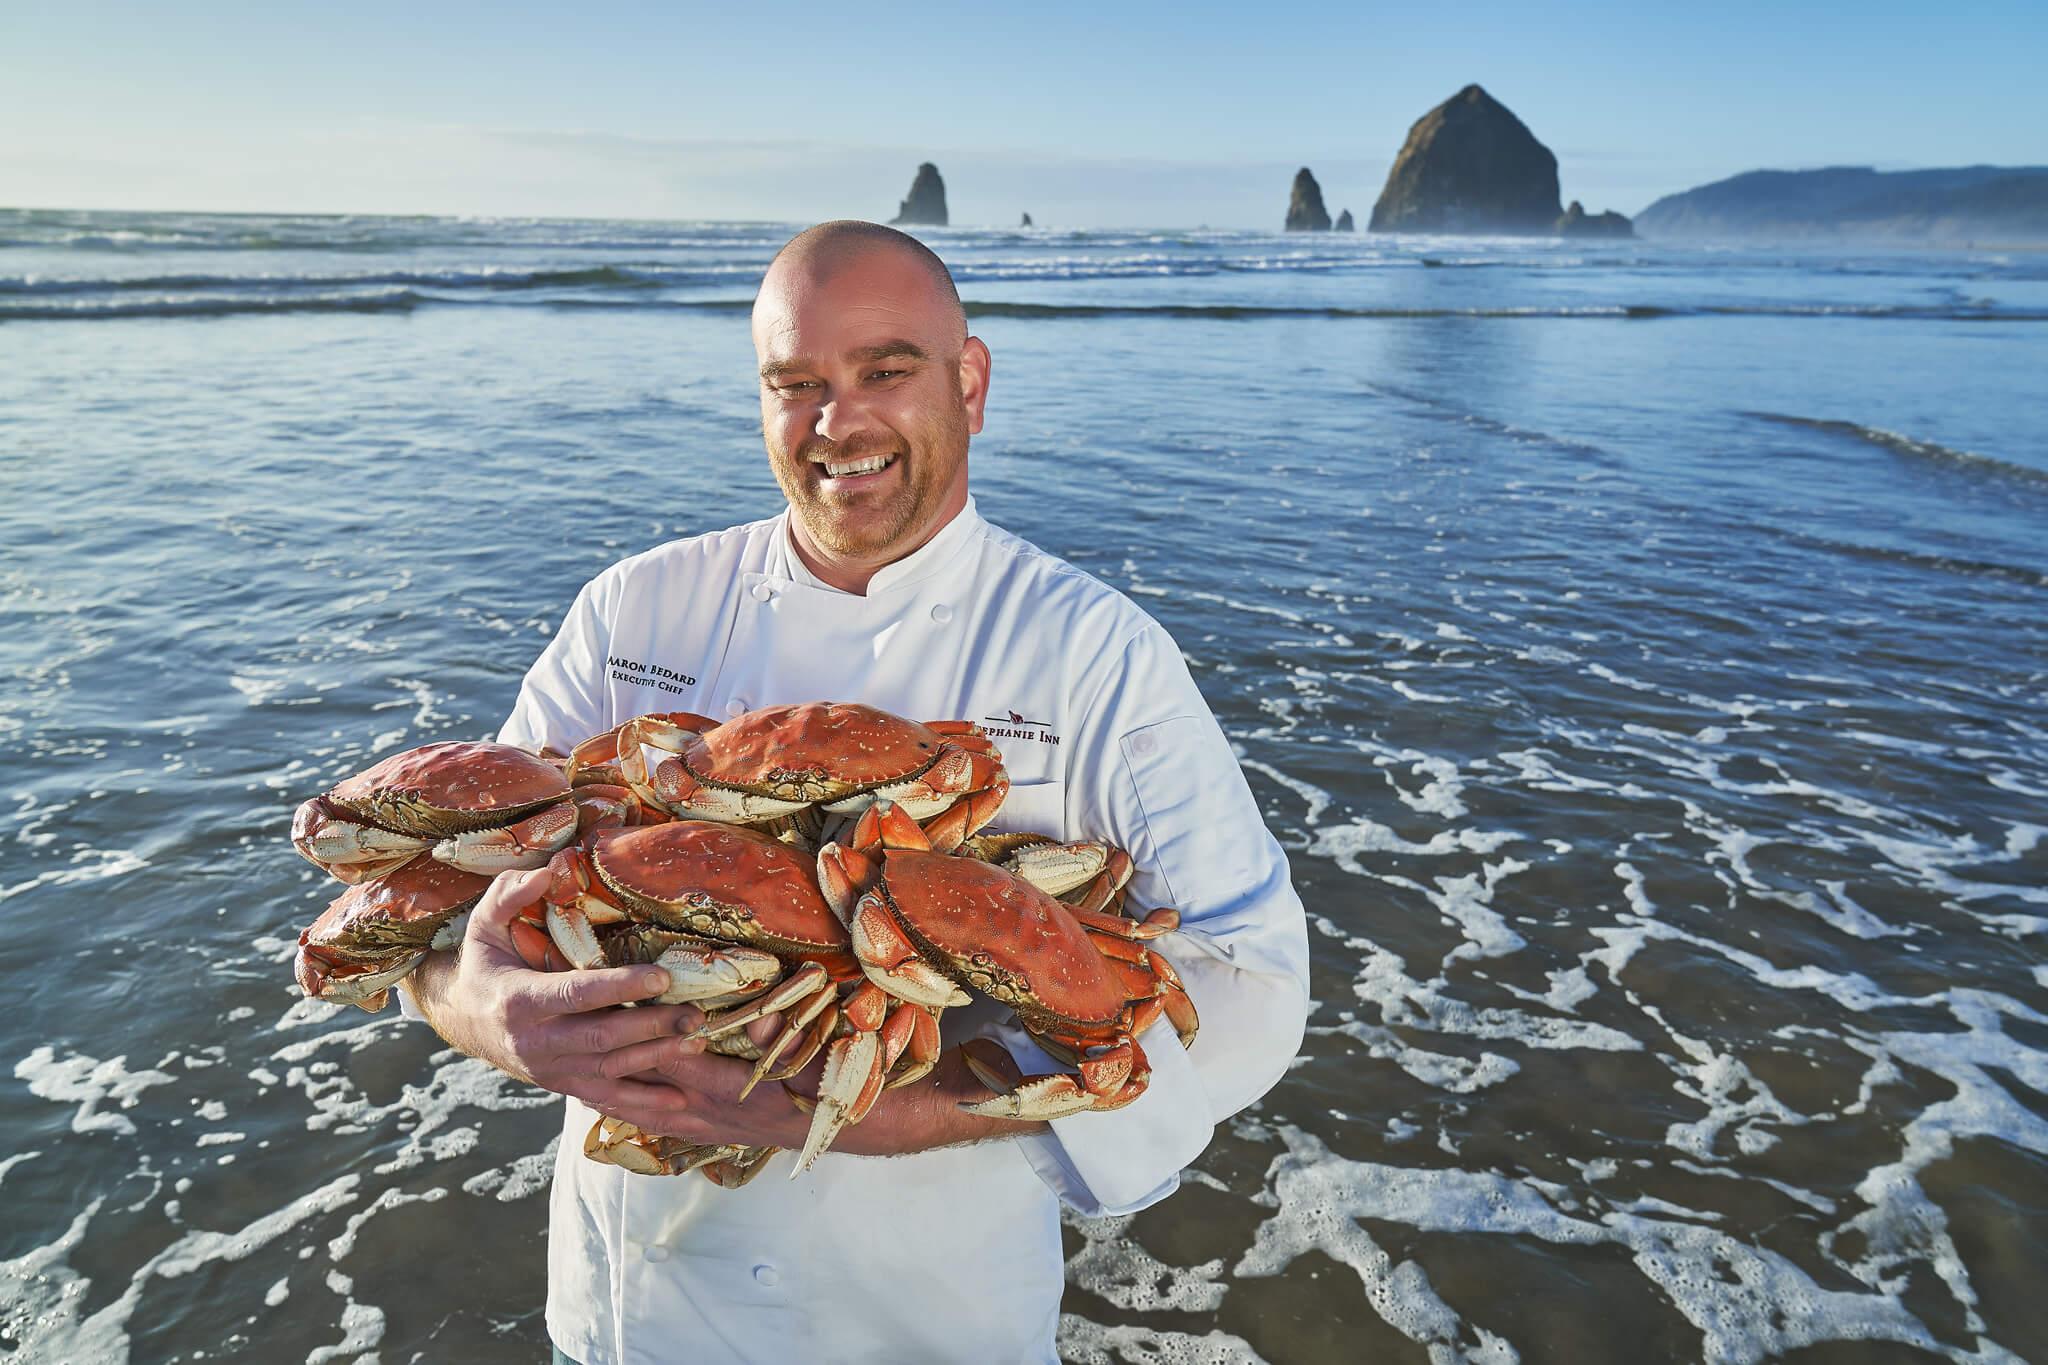 Chef Aaron Bedard